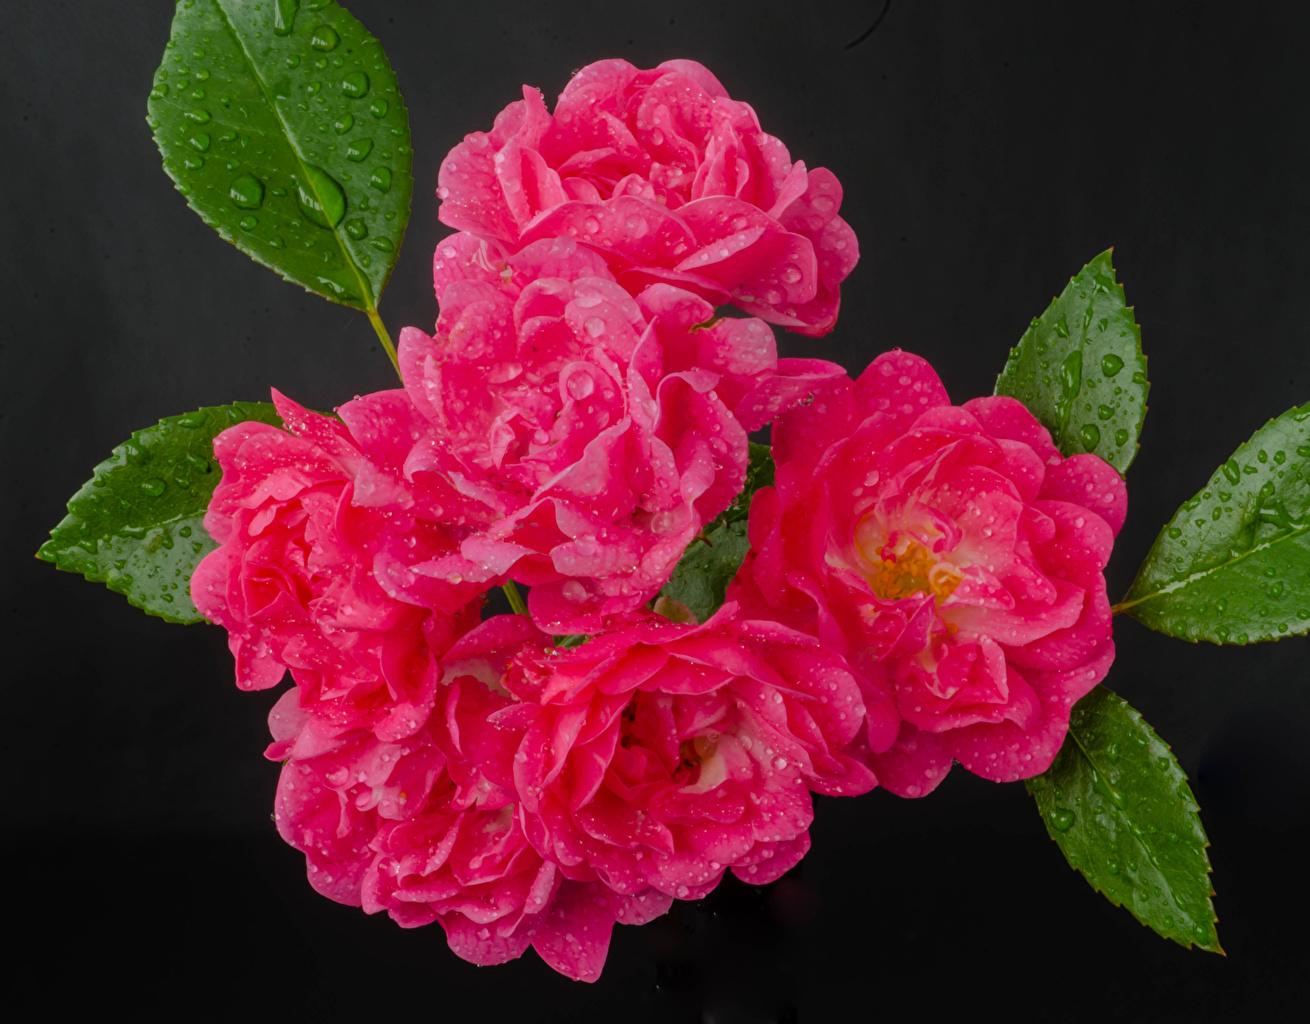 Фотографии Розы розовые Цветы капельки сером фоне Крупным планом роза розовых розовая Розовый капля Капли цветок капель вблизи Серый фон